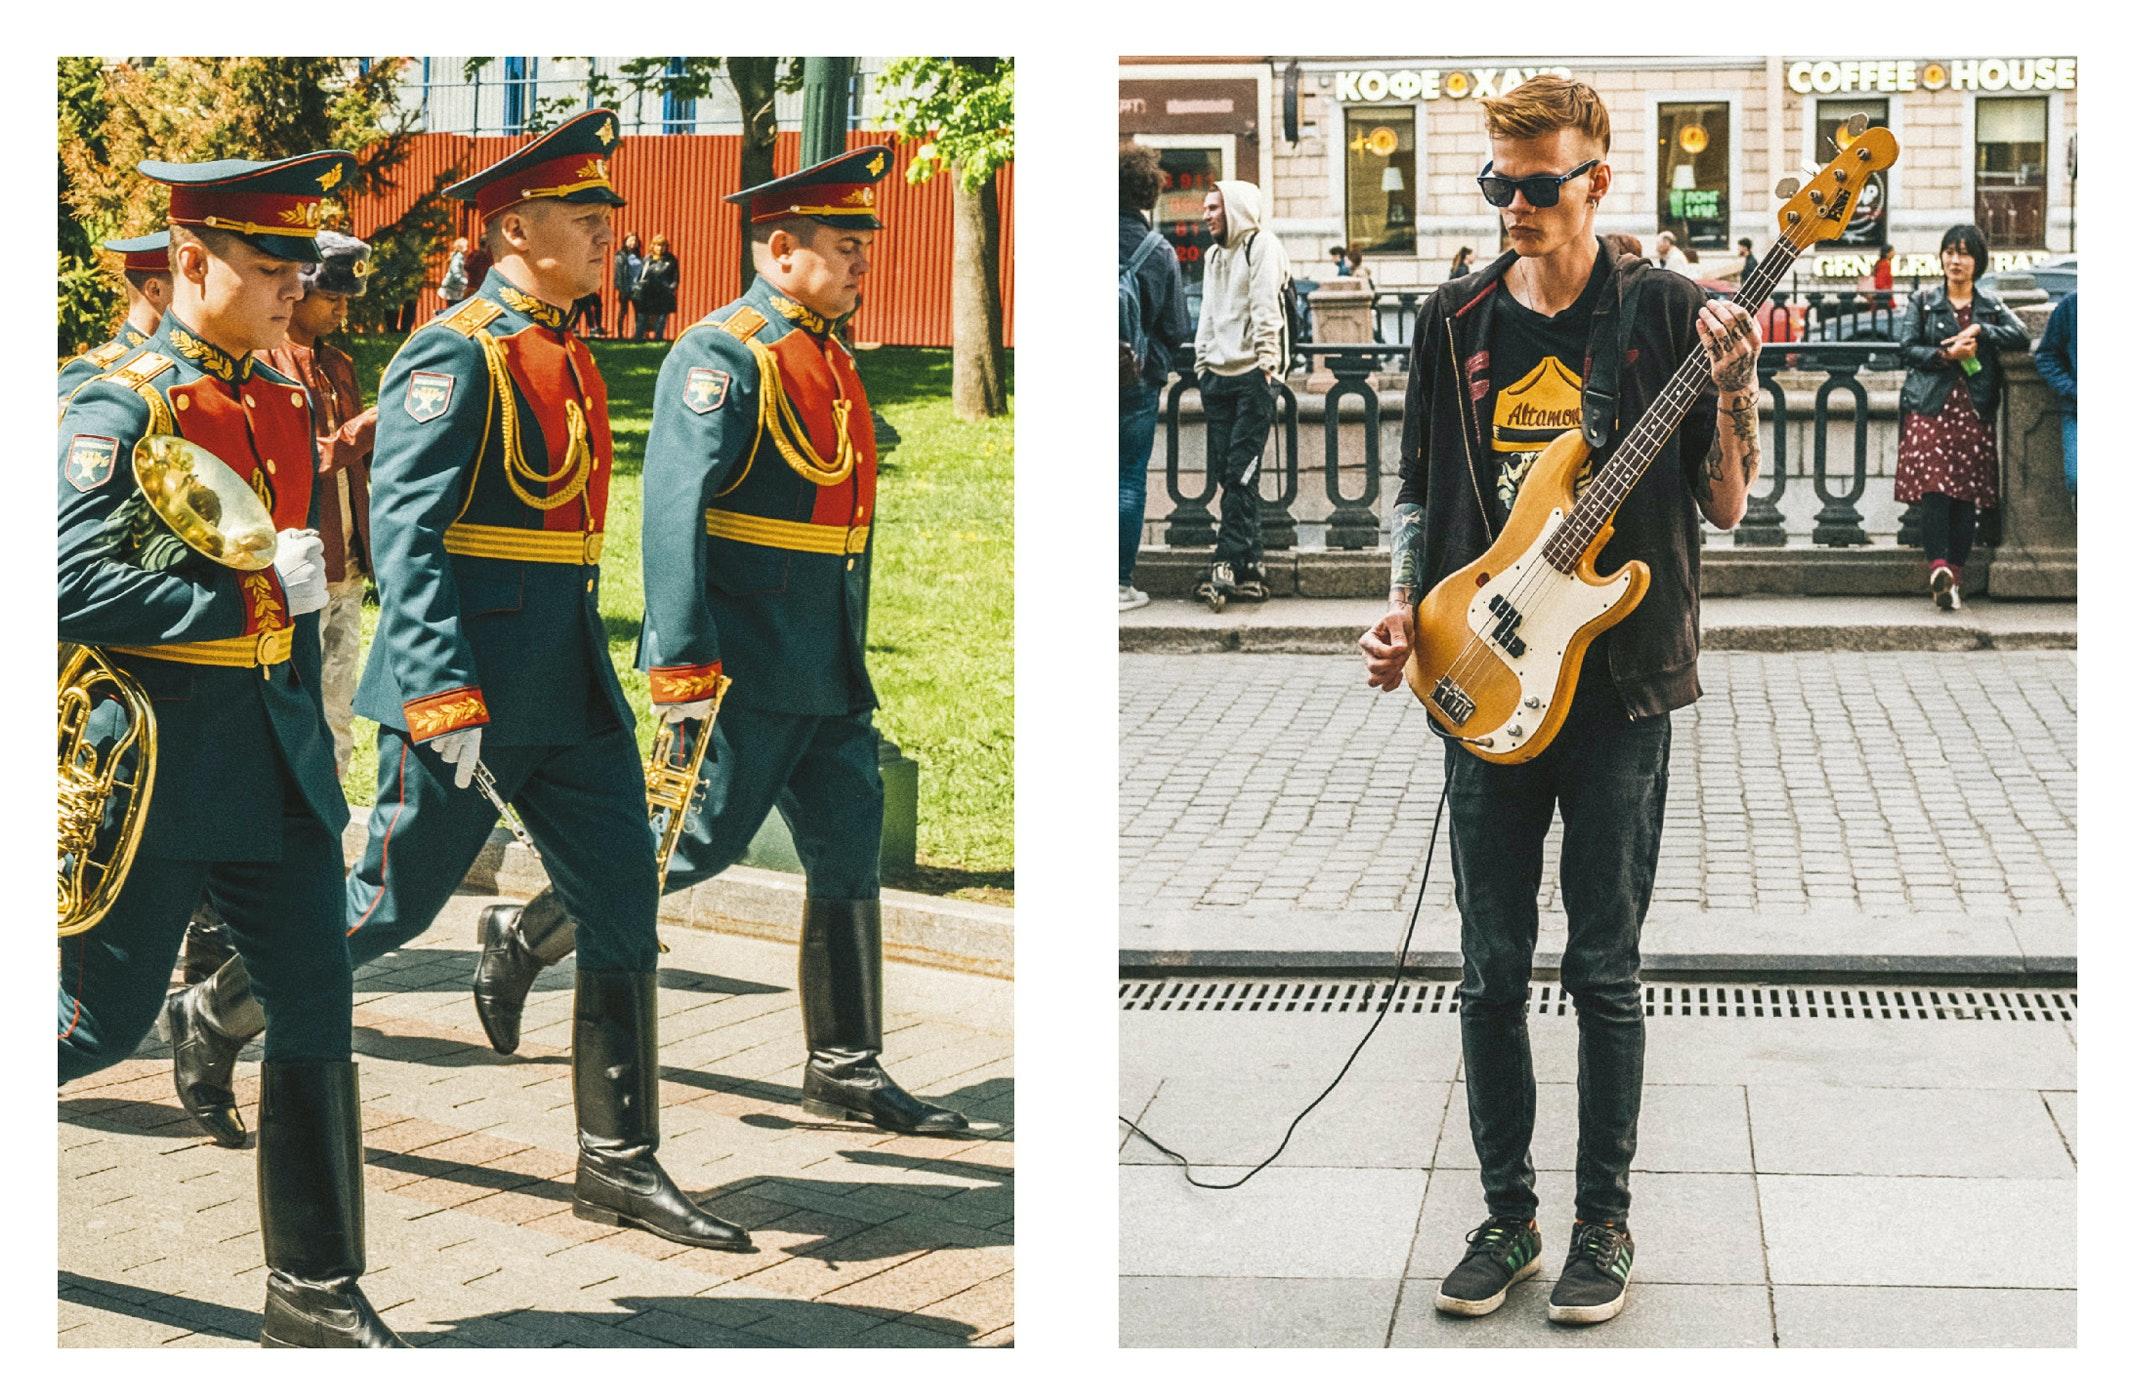 Ivan Hugo - Street_Culture_RUSSIA_5 copy